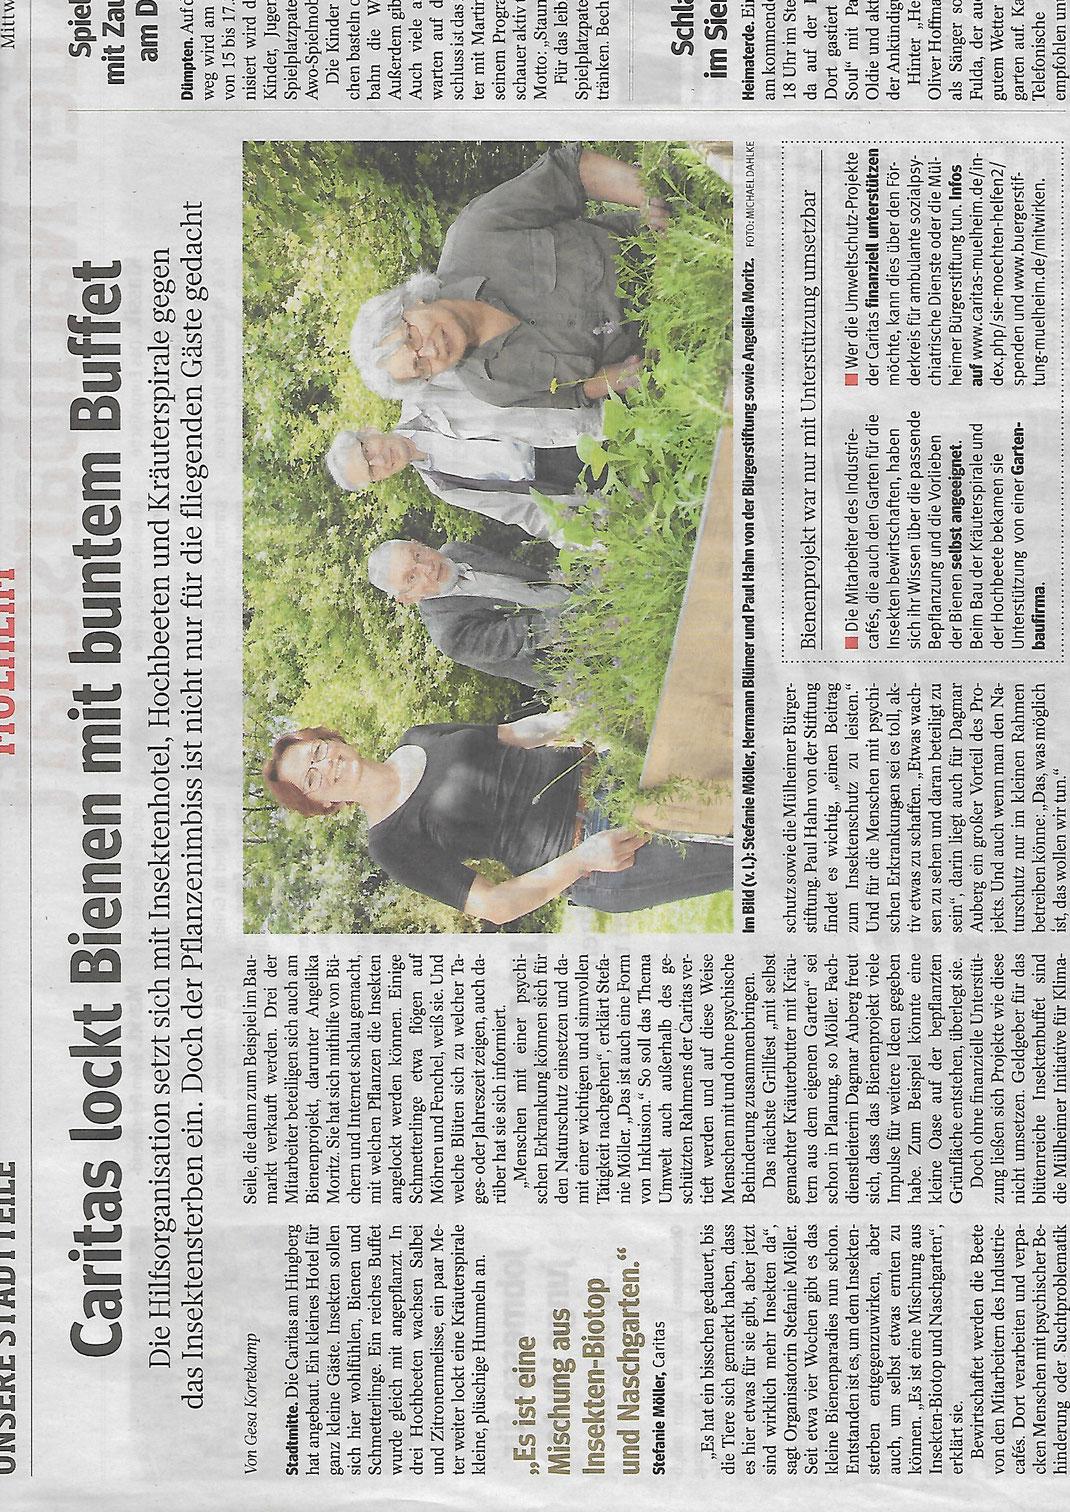 Die Bürgerstiftung Mülheim setzt sich für Bienen-Projekte ein. Hier ein Bericht aus der WAZ Mülheim von Juli 2018.